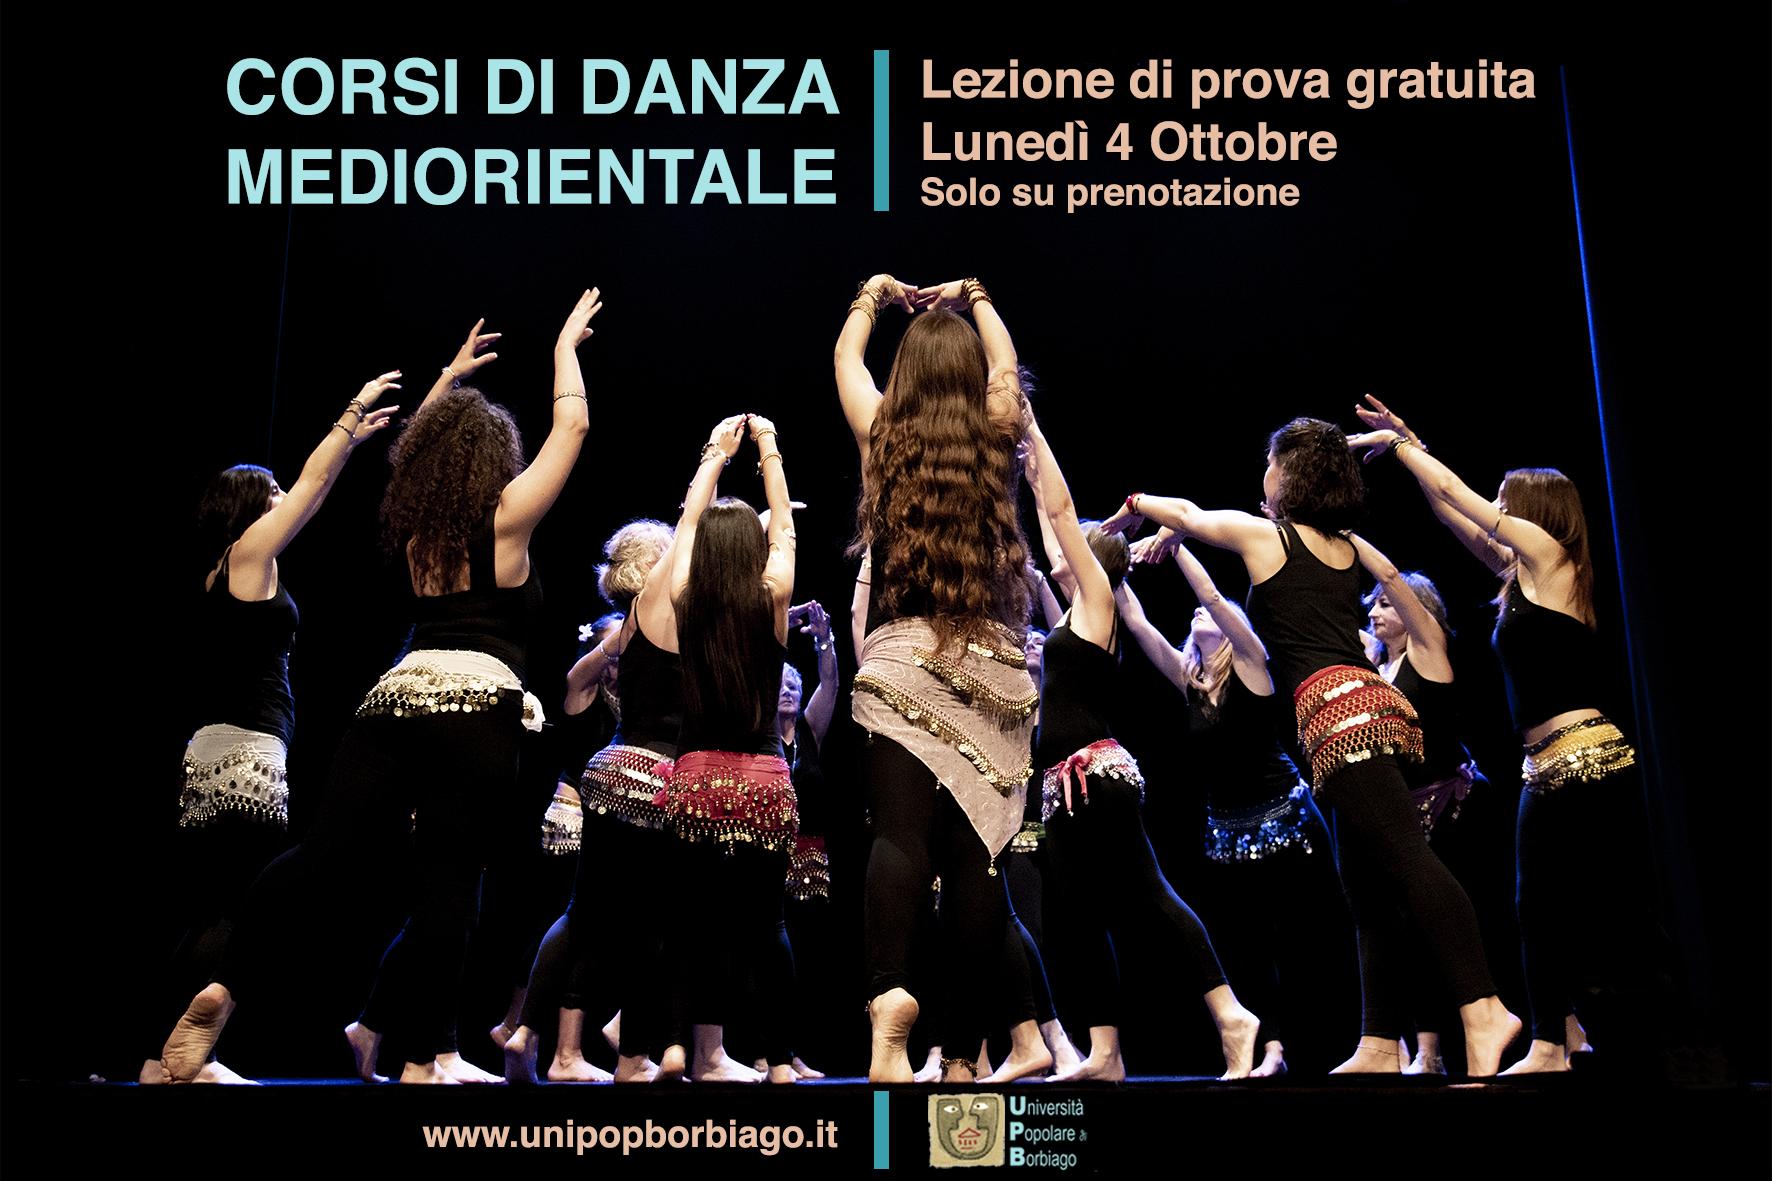 Università Popolare F. Petrarca di Borbiago - Mira, Lezione di Prova del corso di Danza Mediorientale, con Marta Speronello